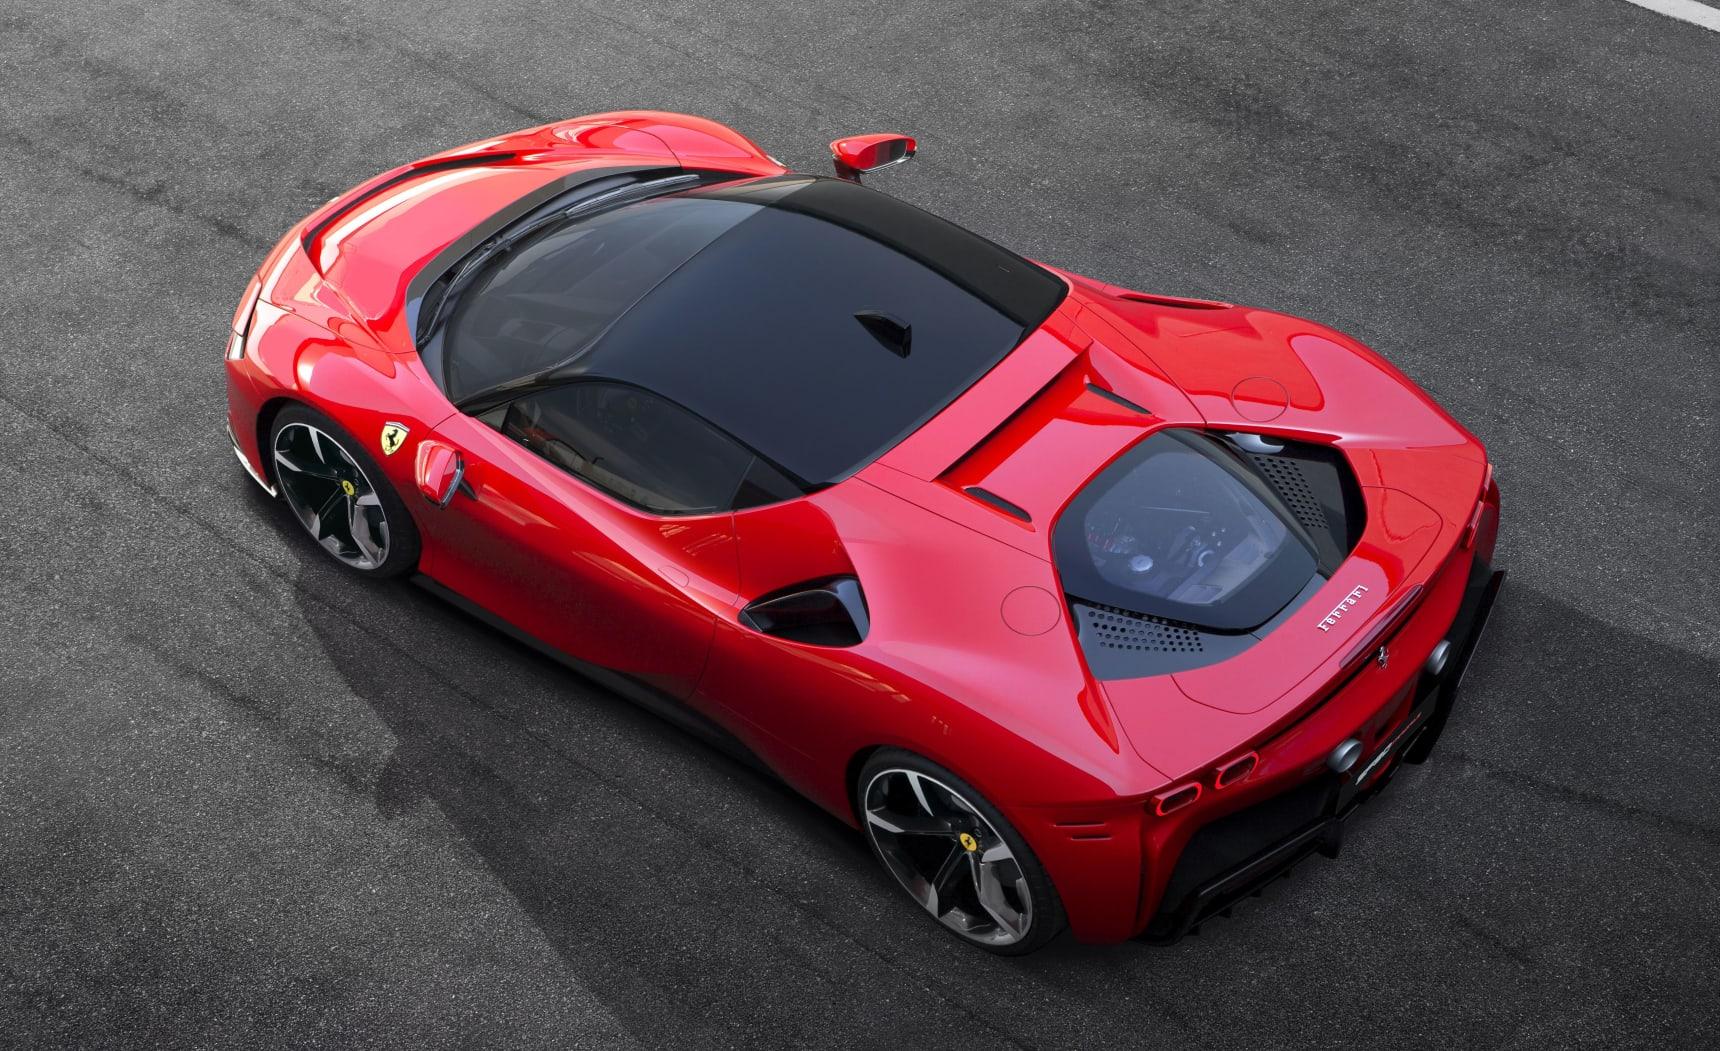 Der Ferrari SF90 Stradale: Ein Serien-Supersportwagen mit 1000 PS 3